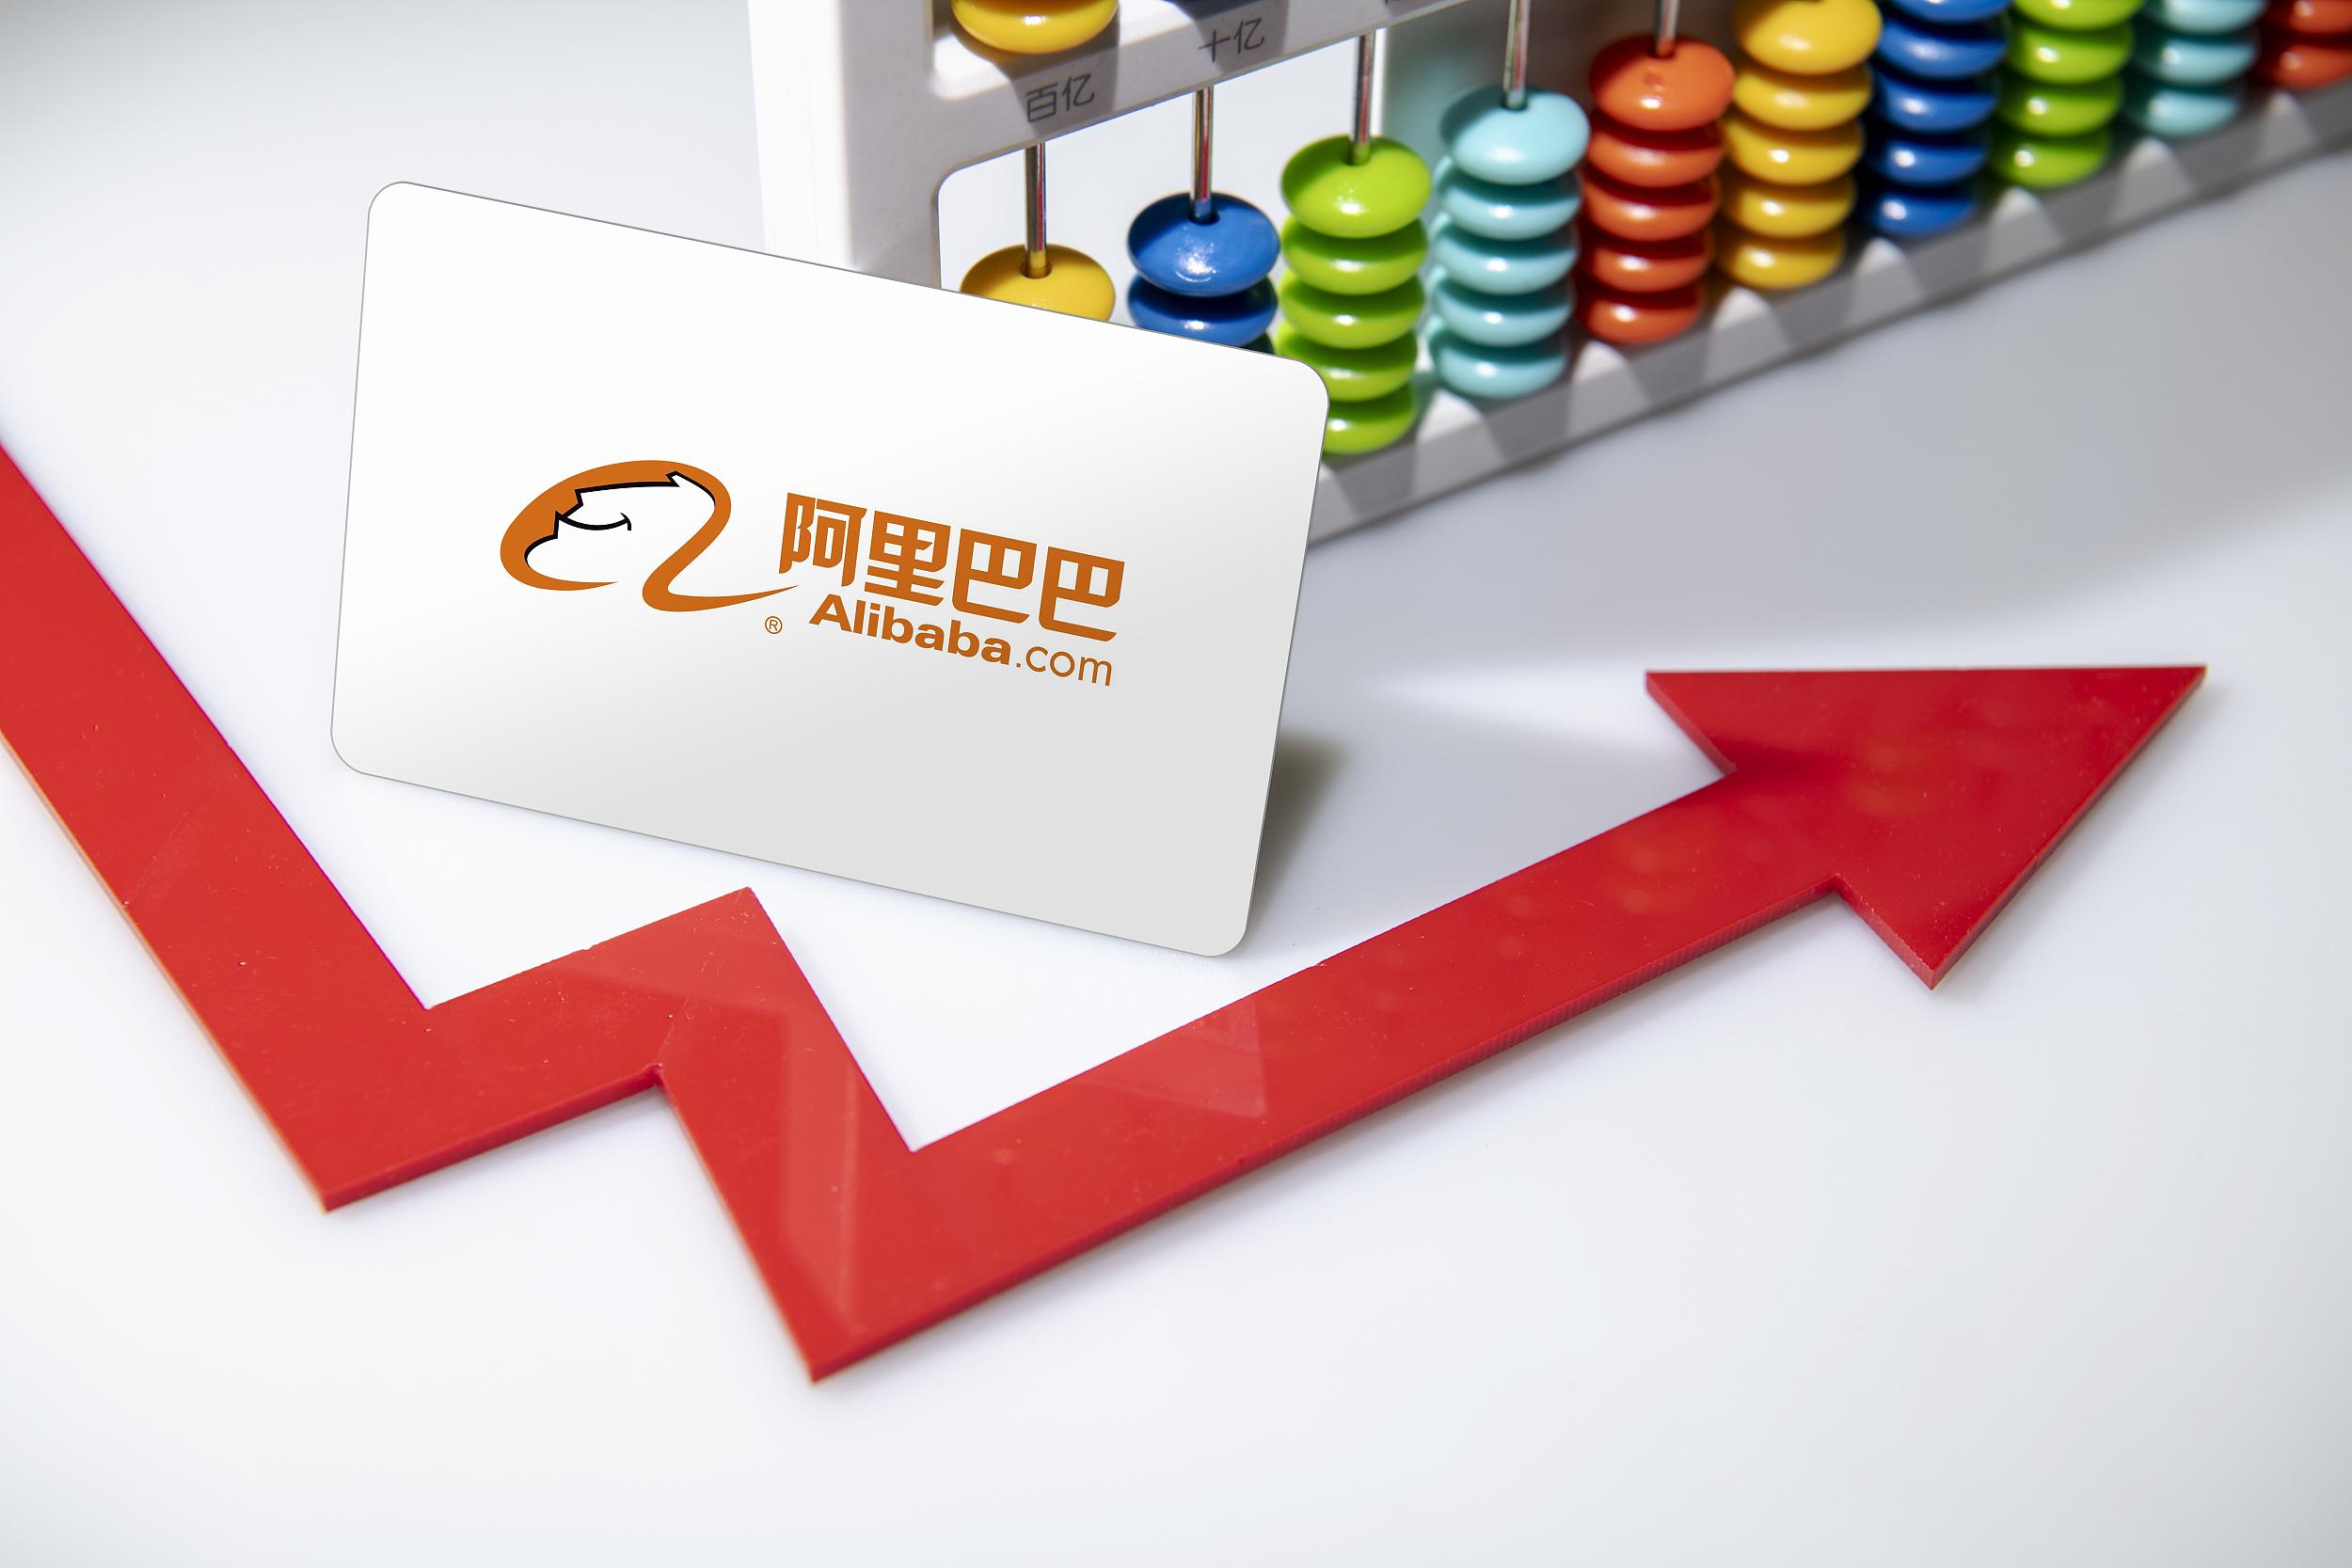 融创服务正式挂牌上市并抵死,净利润连续高位增长